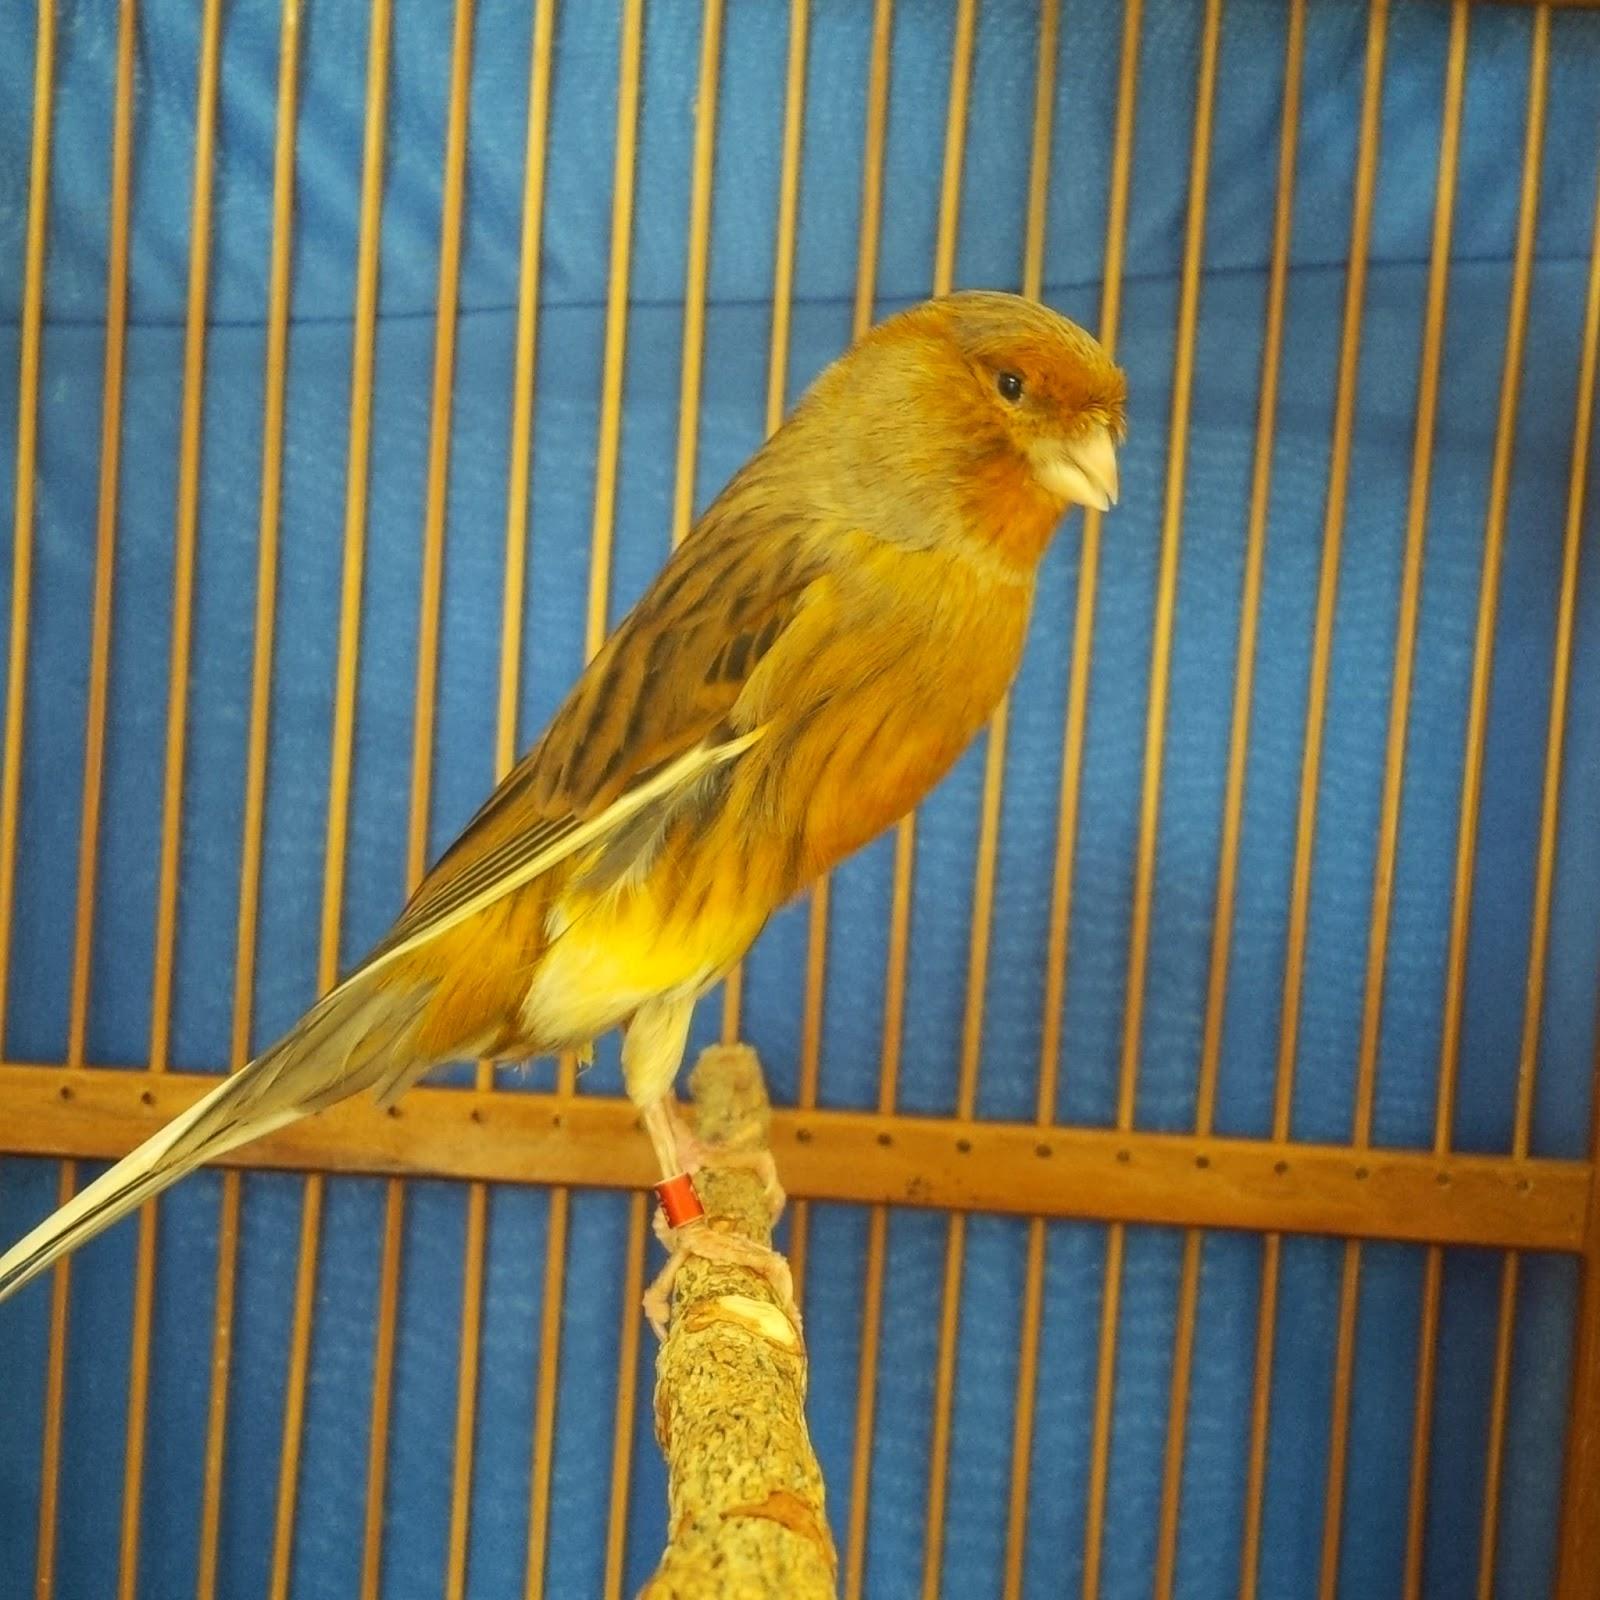 Harga jual beli suara download burung kenari yorkshire ys jantan dan betina. Jual Burung Kenari Yorkshire: Jual burung Kenari Yorkshire